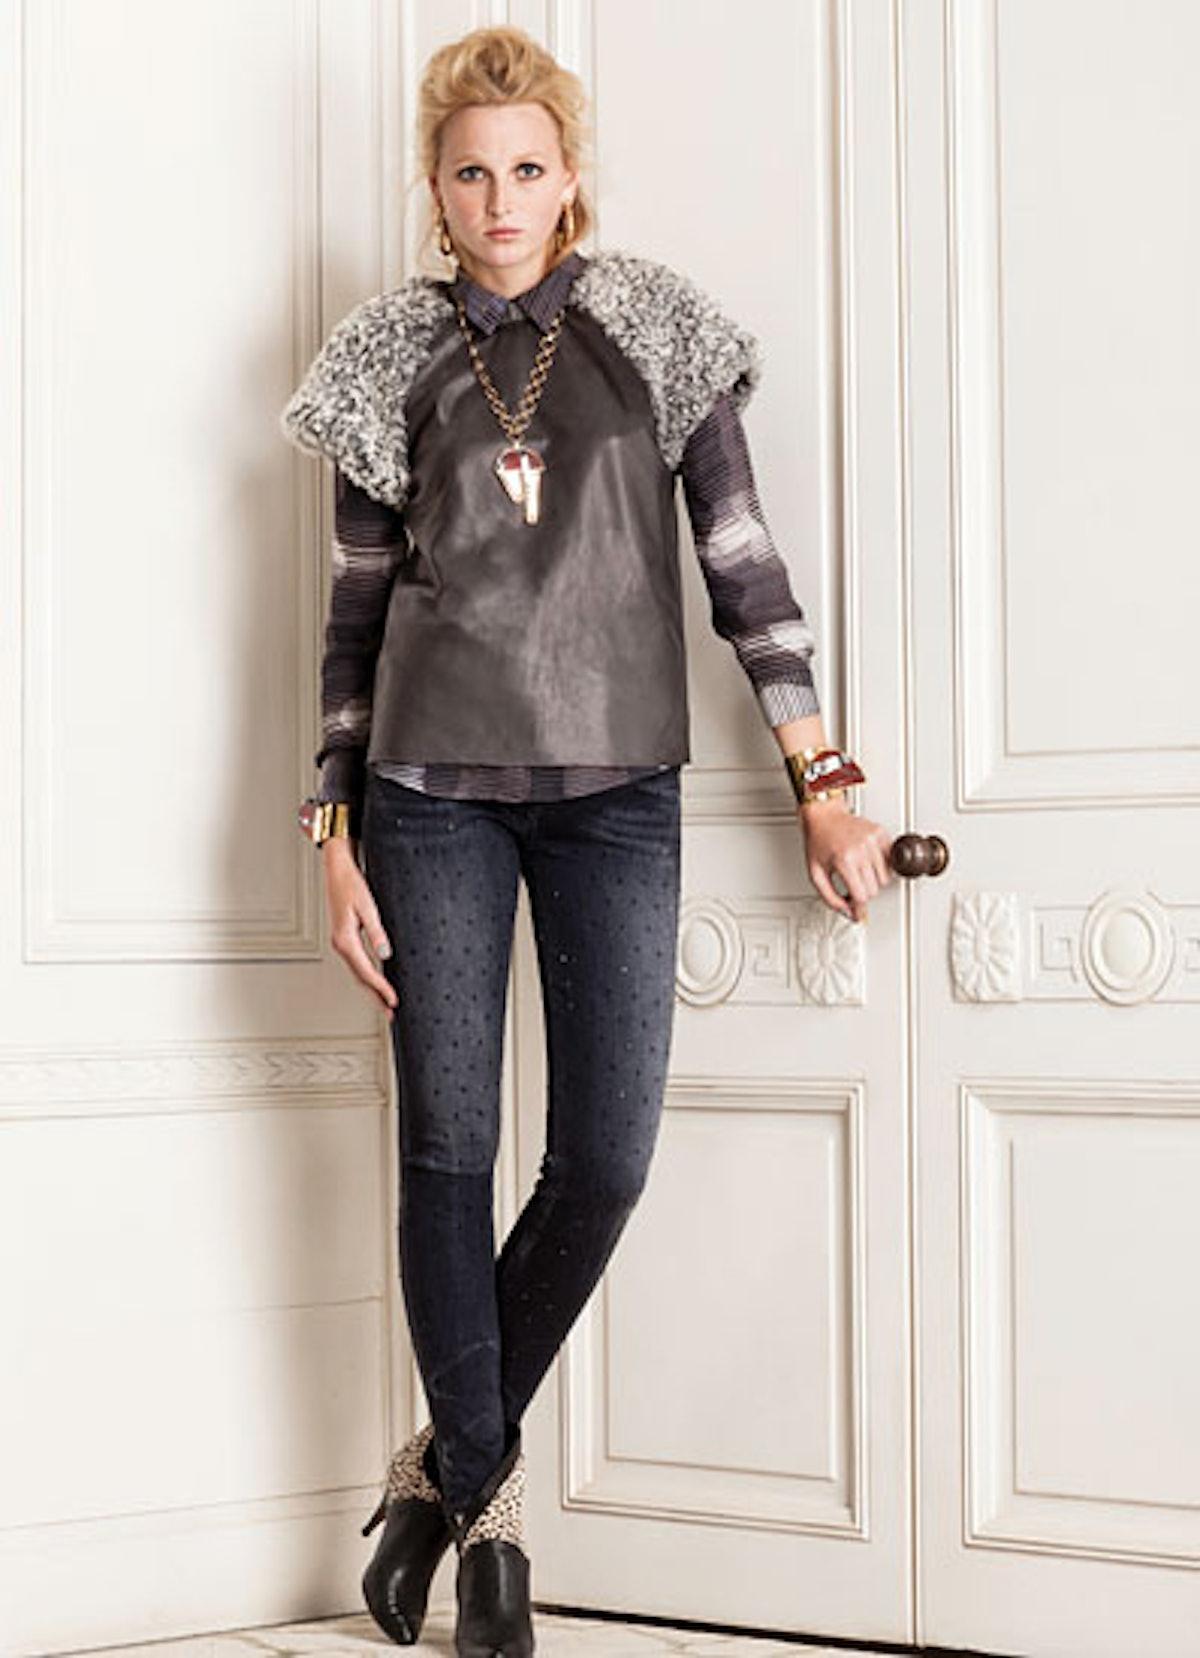 fass-kelly-wearstler-fall-2013-runway-17-v.jpg